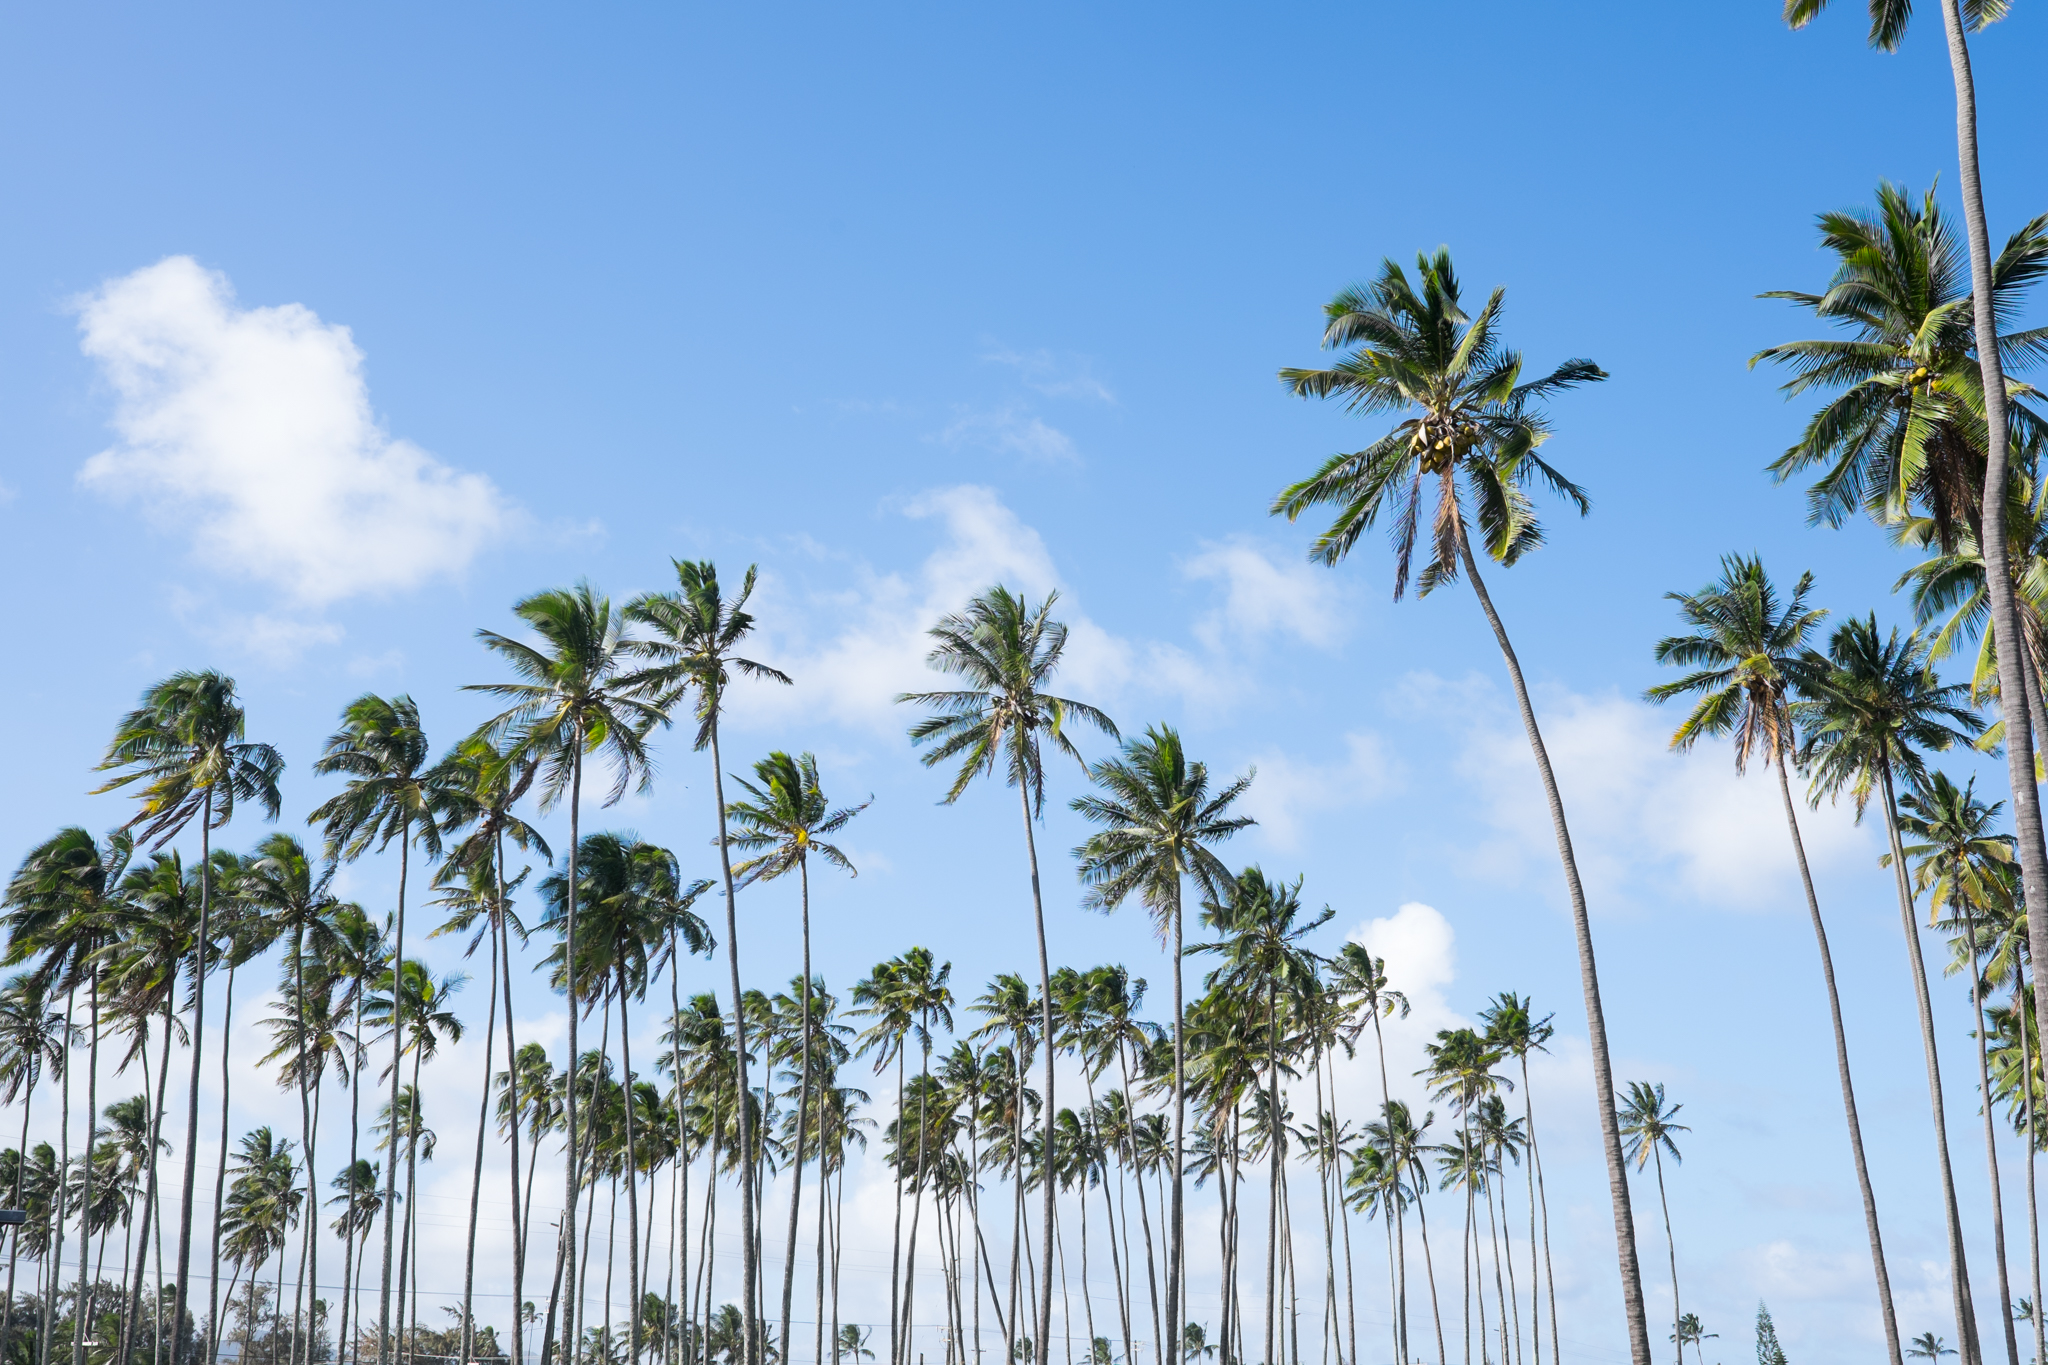 Kauai-73 - Copy.jpg